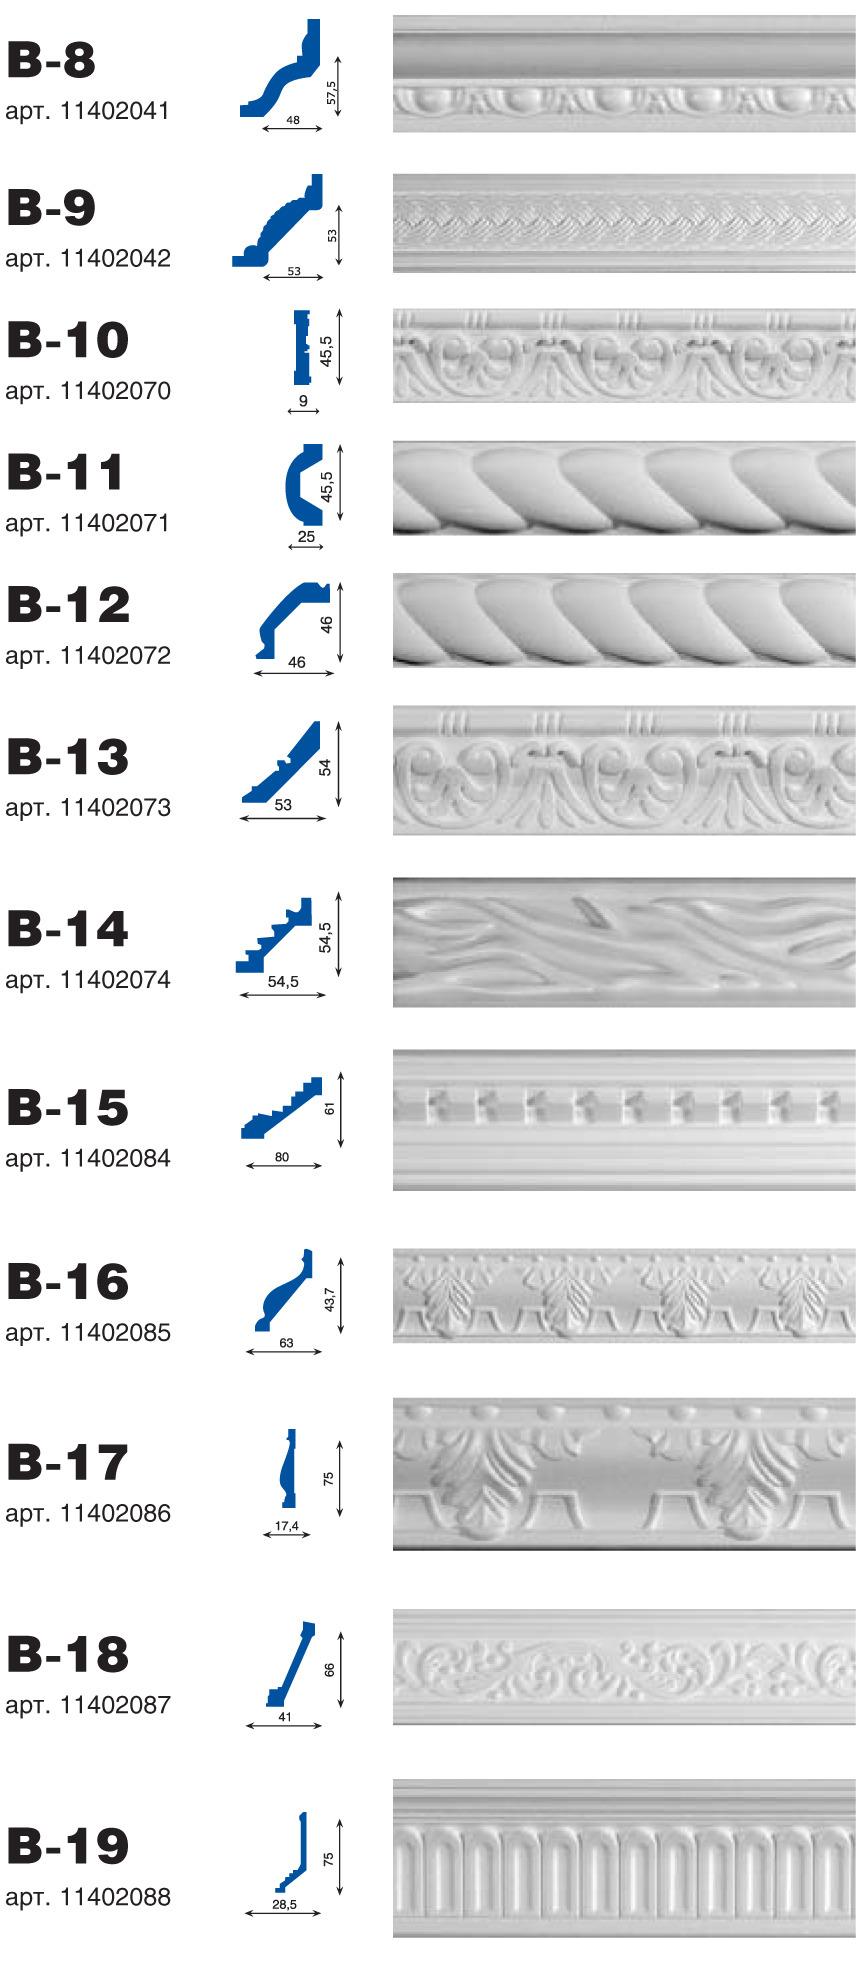 Краткий ассортиментный ряд потолочных плинтусов различной формы